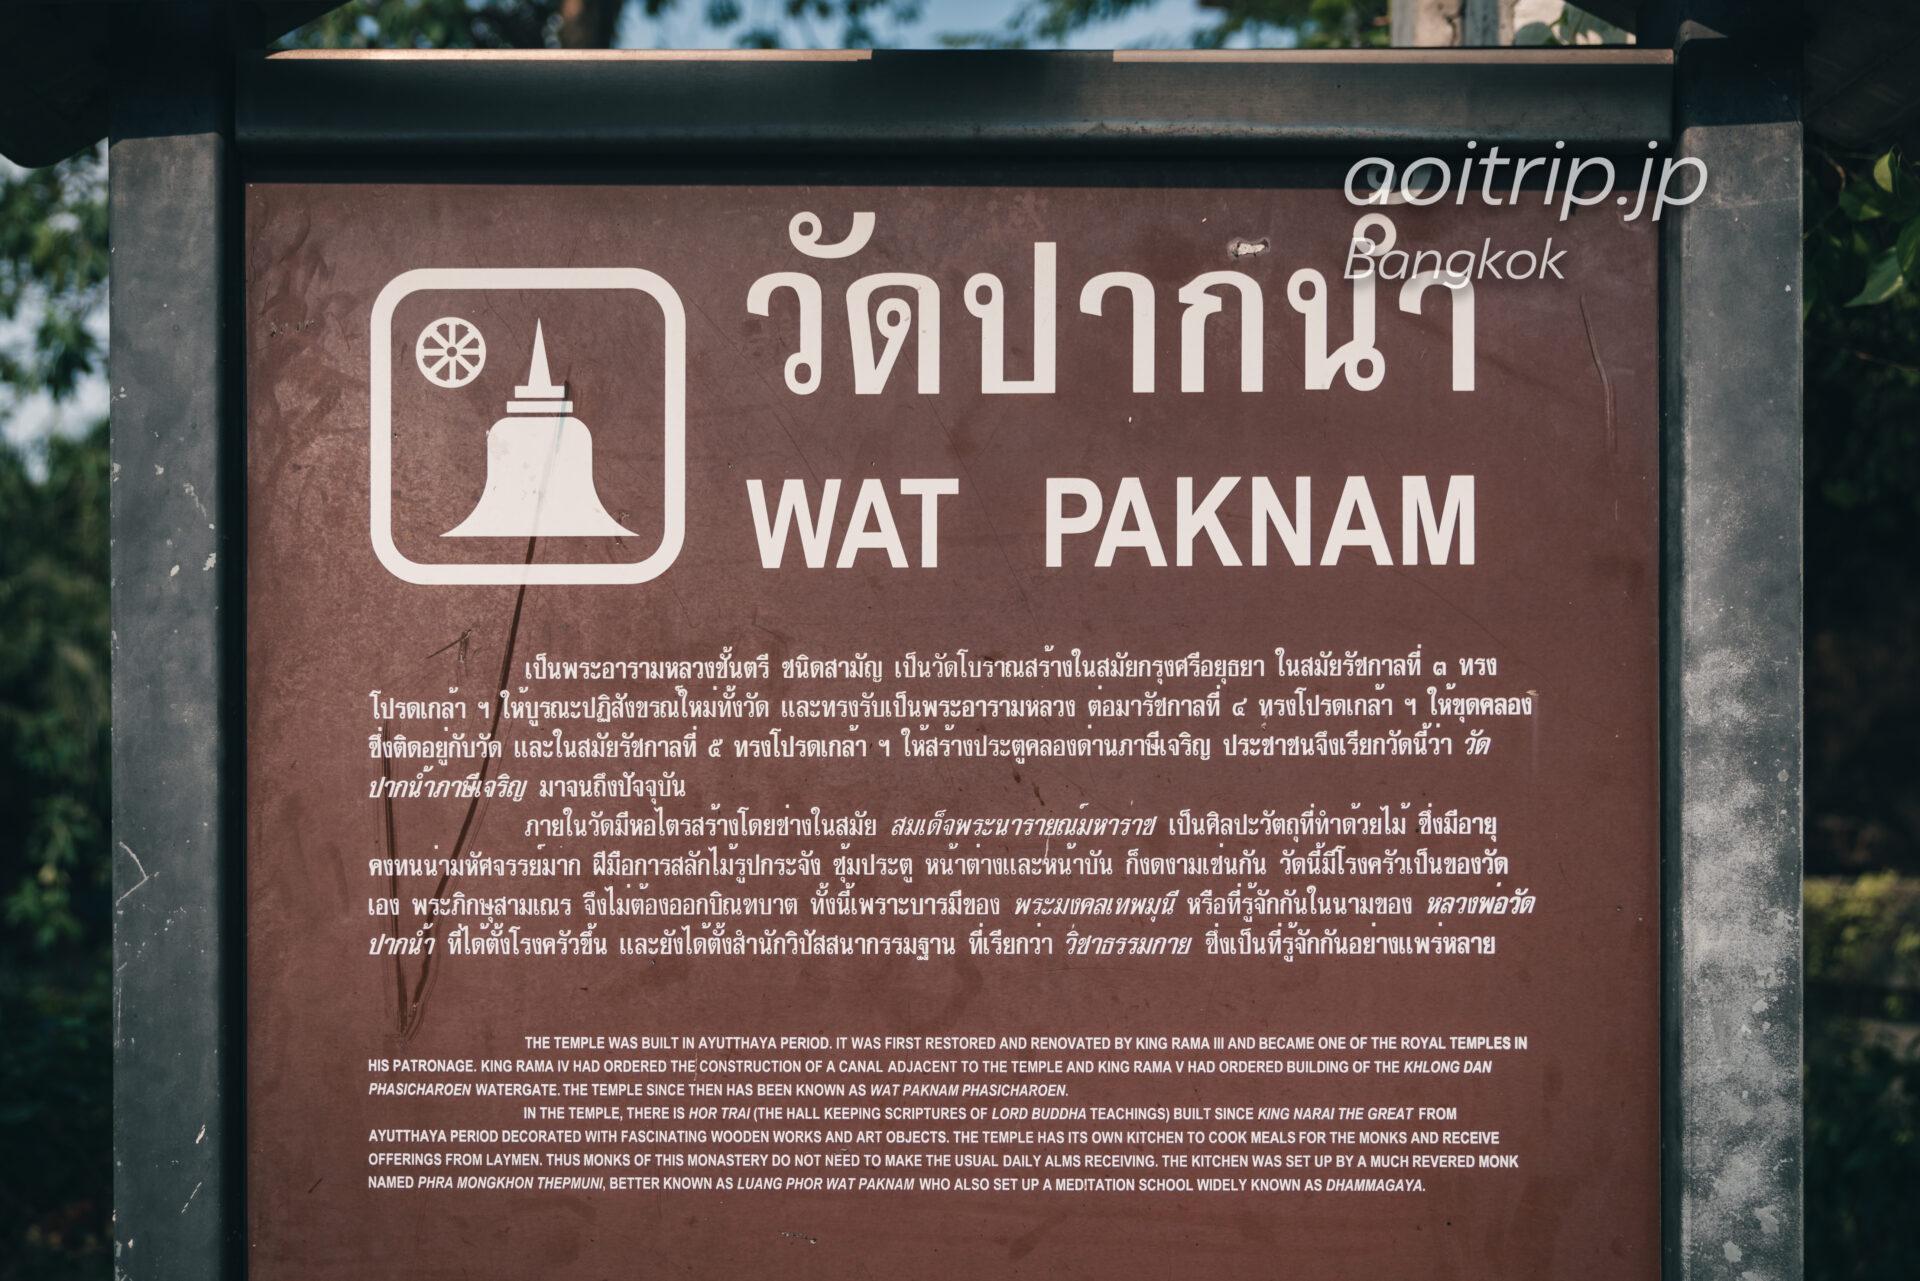 バンコク ワットパクナム寺院の歴史・解説